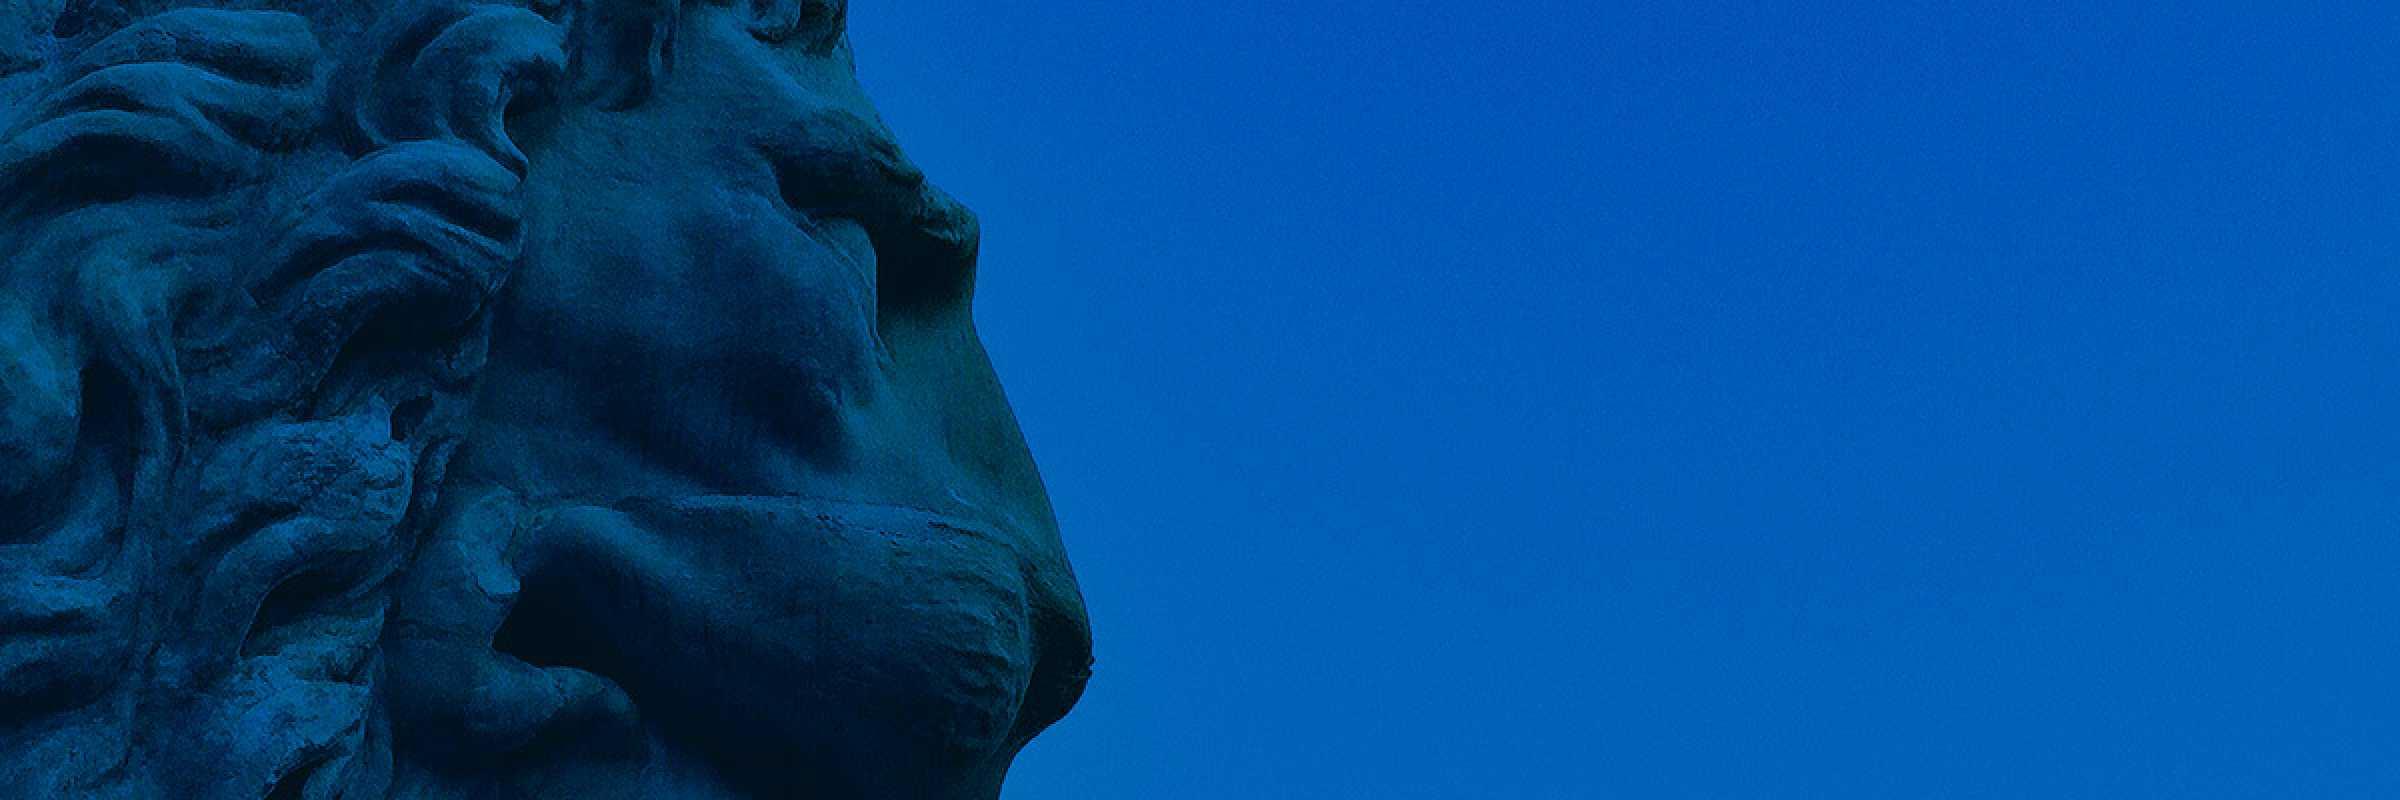 Particolare di testa di leone, posizionata all'uscita dell'Arsenale di Venezia. — (Archivio Venipedia/Bazzmann)